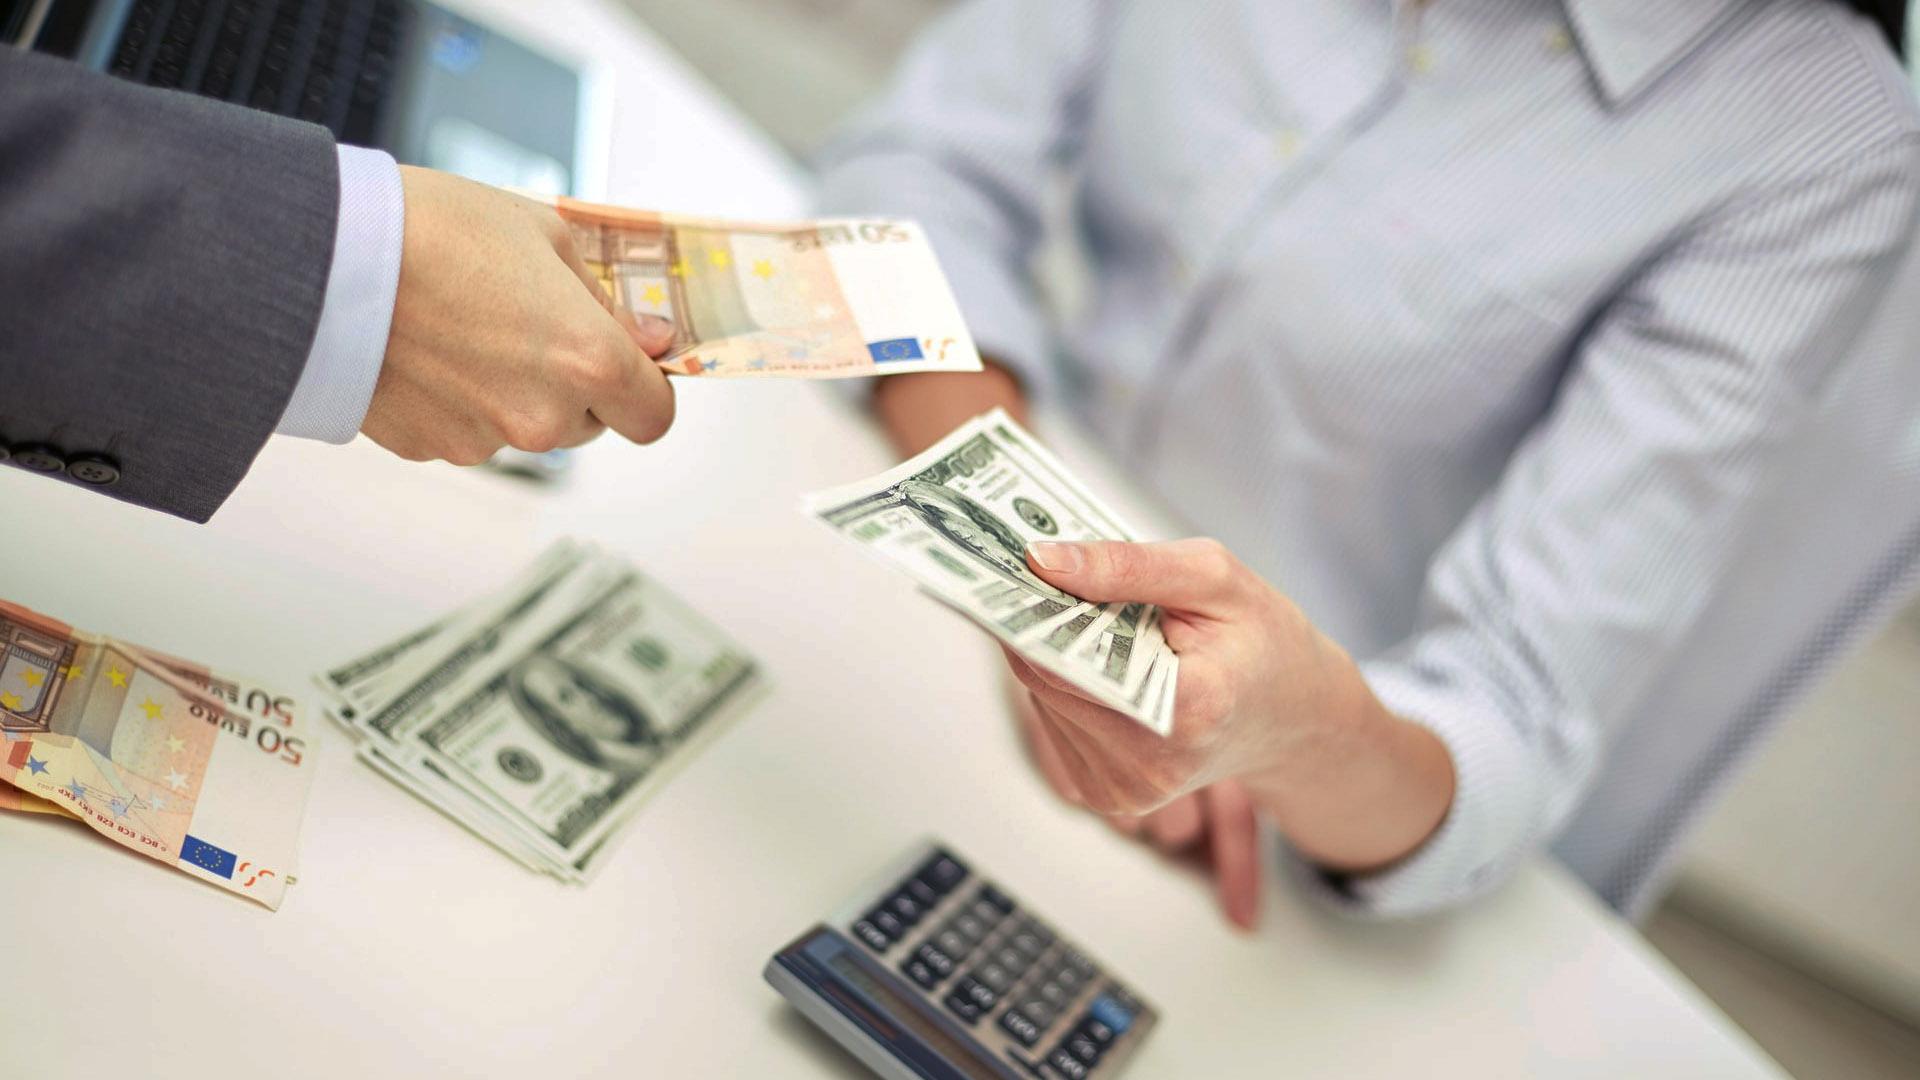 Проблема 115: банк заблокировал счет и обвиняет в отмывании доходов